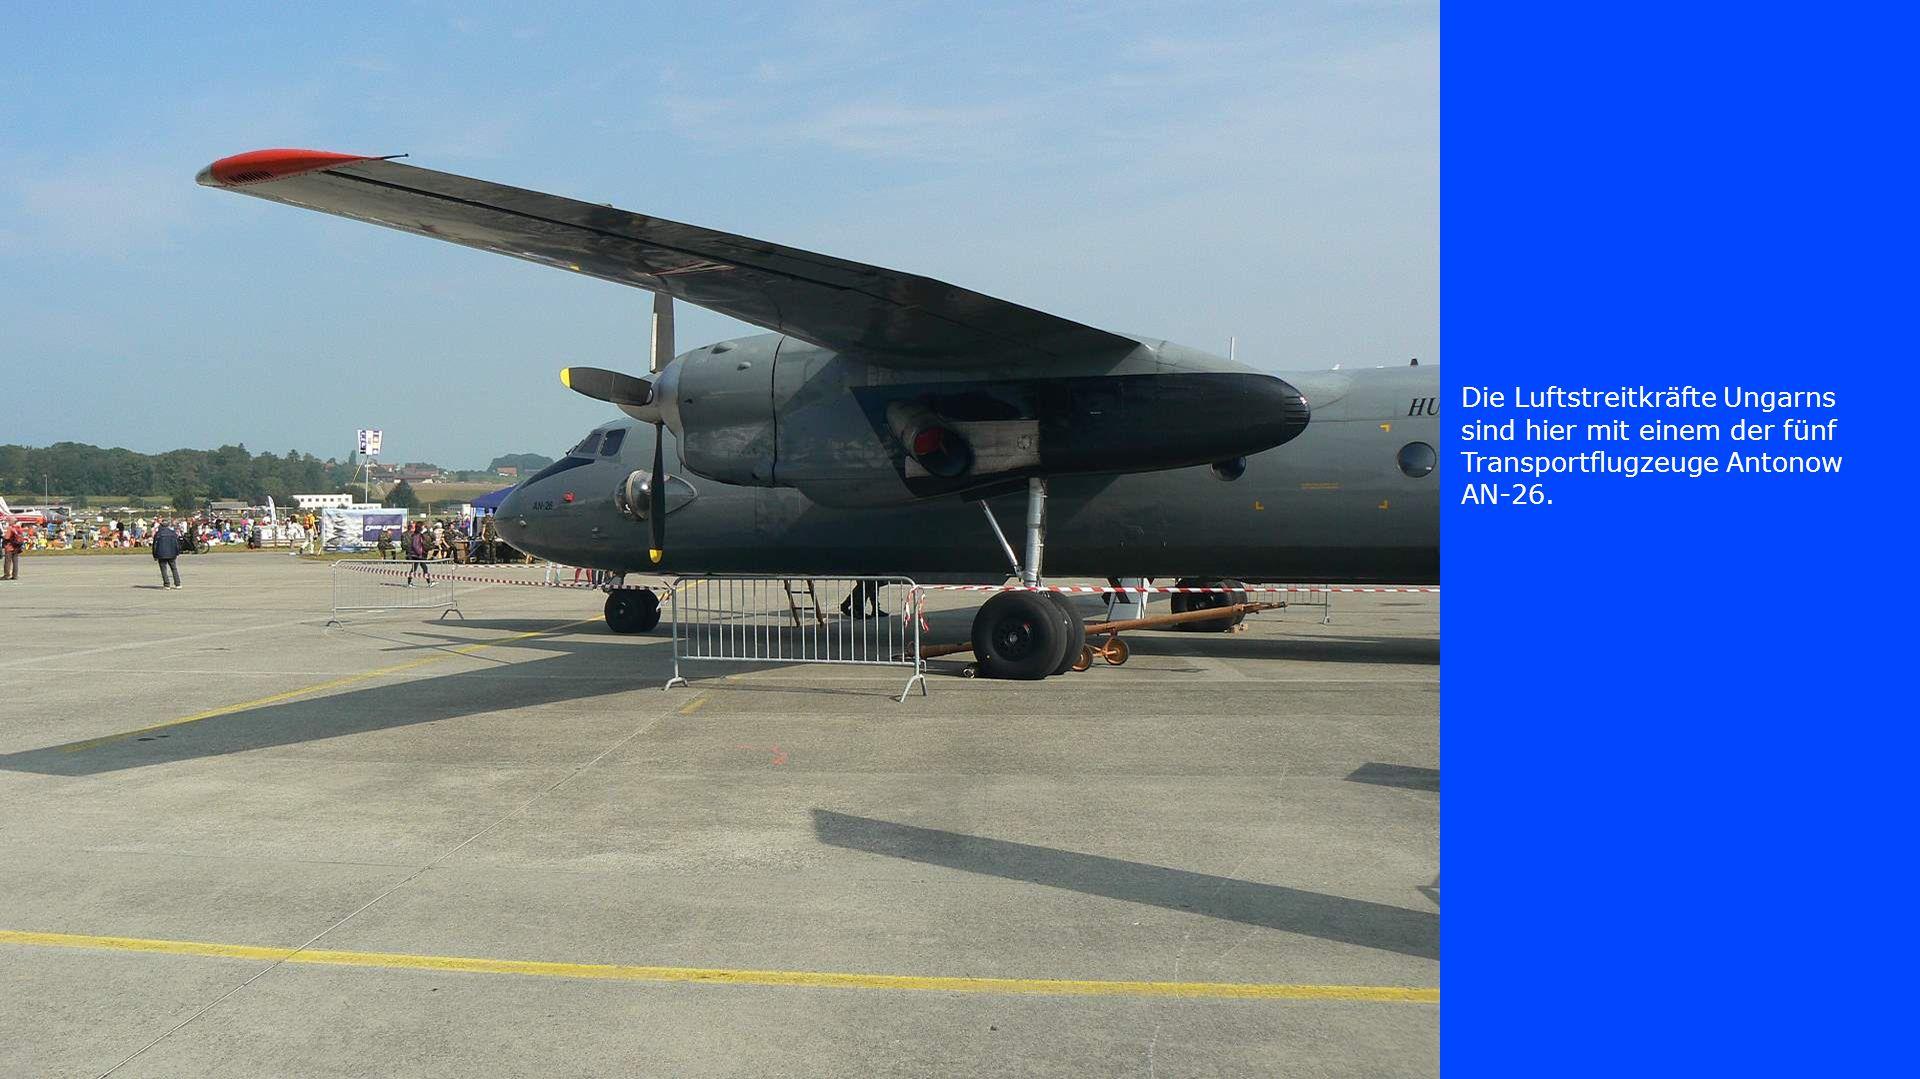 Die Ausbildung der ungarischen Kampfflugzeugpiloten findet seit 2002 beim NATO Flying Training in Canada statt.